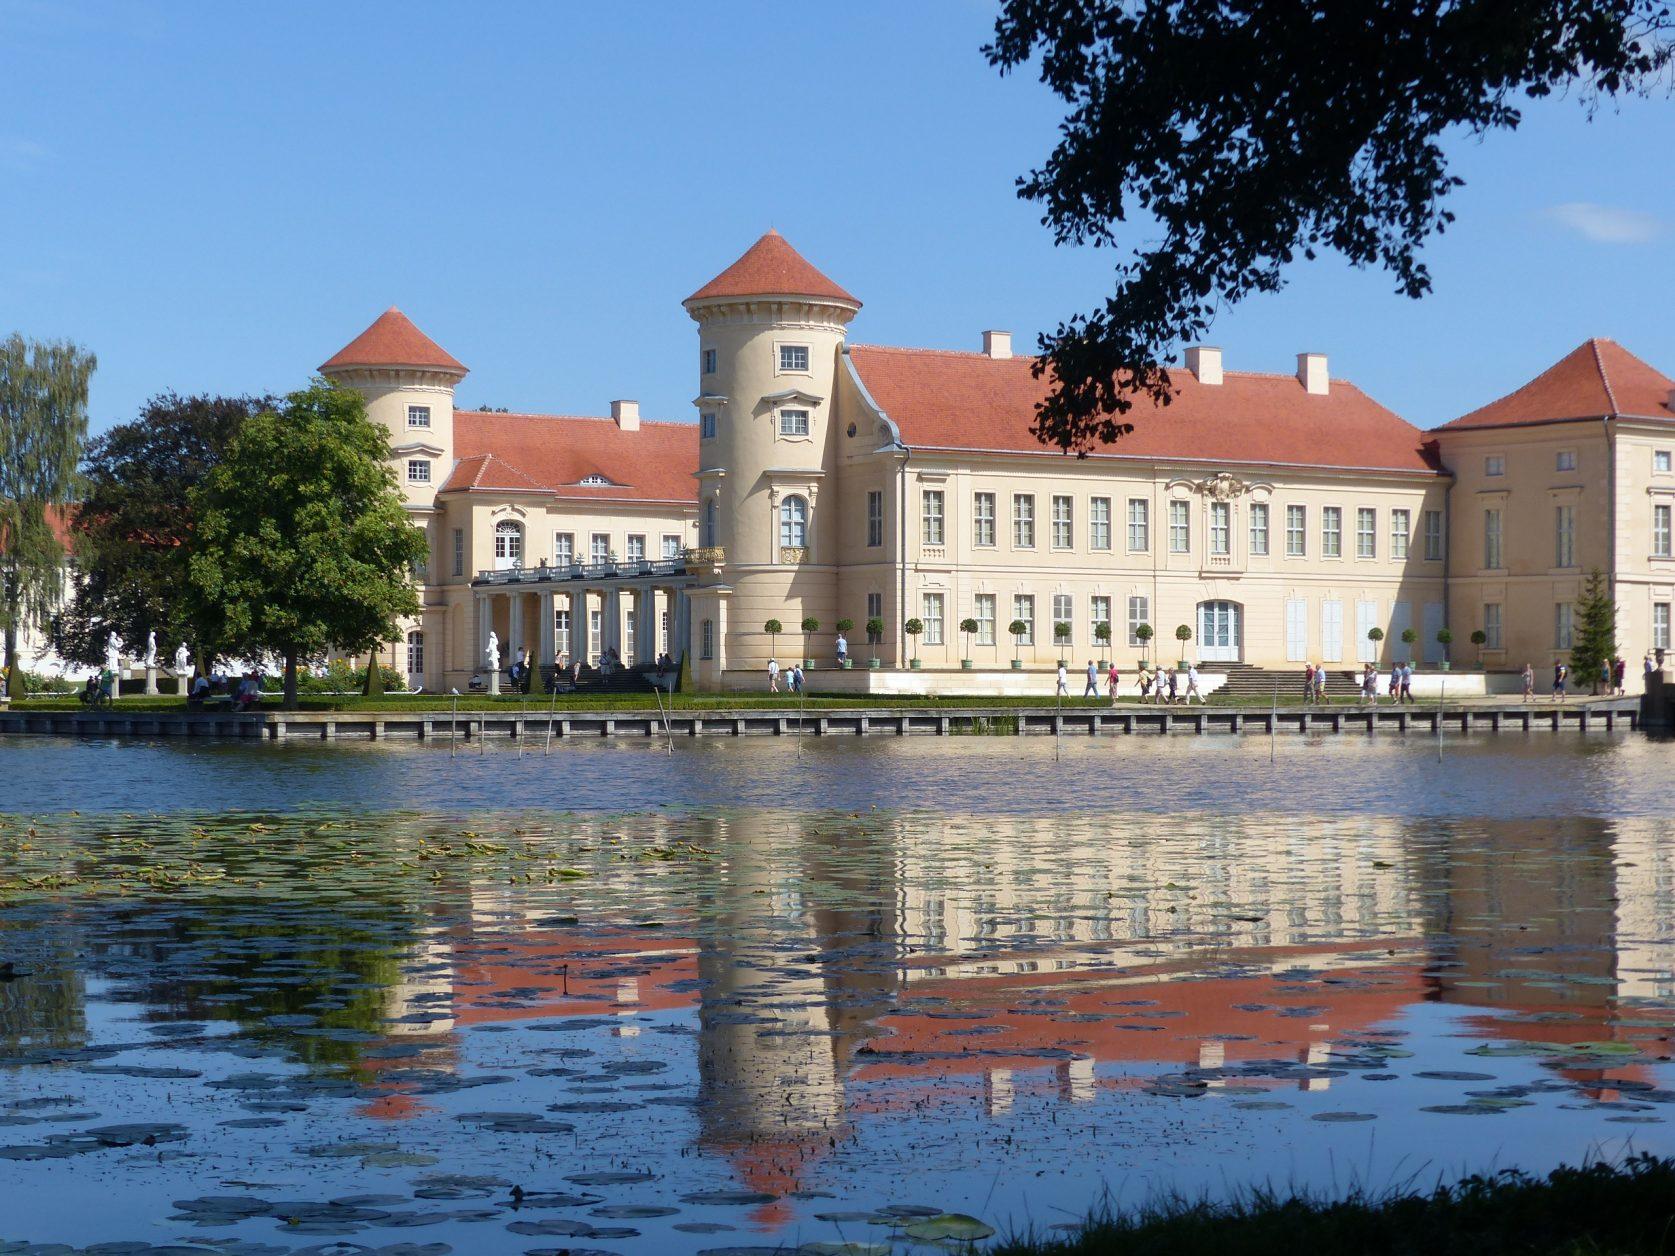 Schloss Rheinsberg Foto: Weirauch